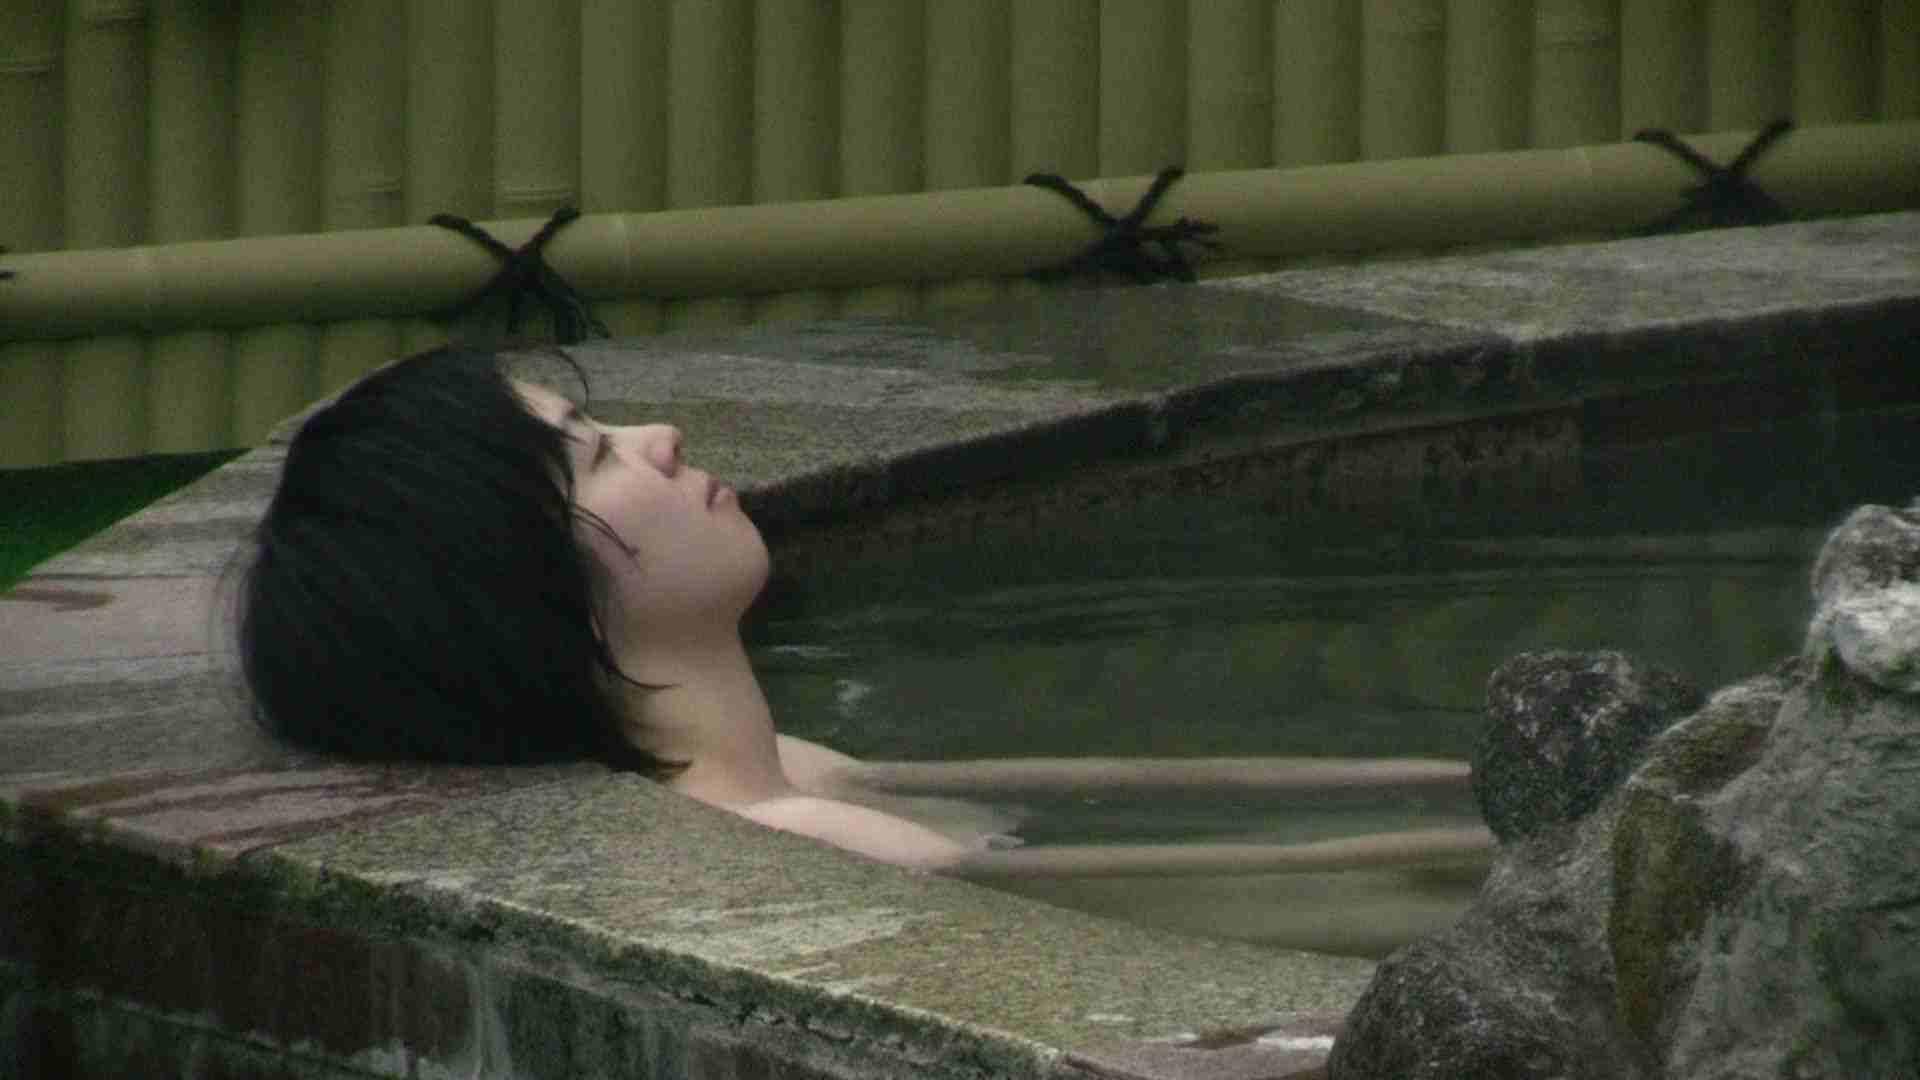 Aquaな露天風呂Vol.685 0   0  60pic 51